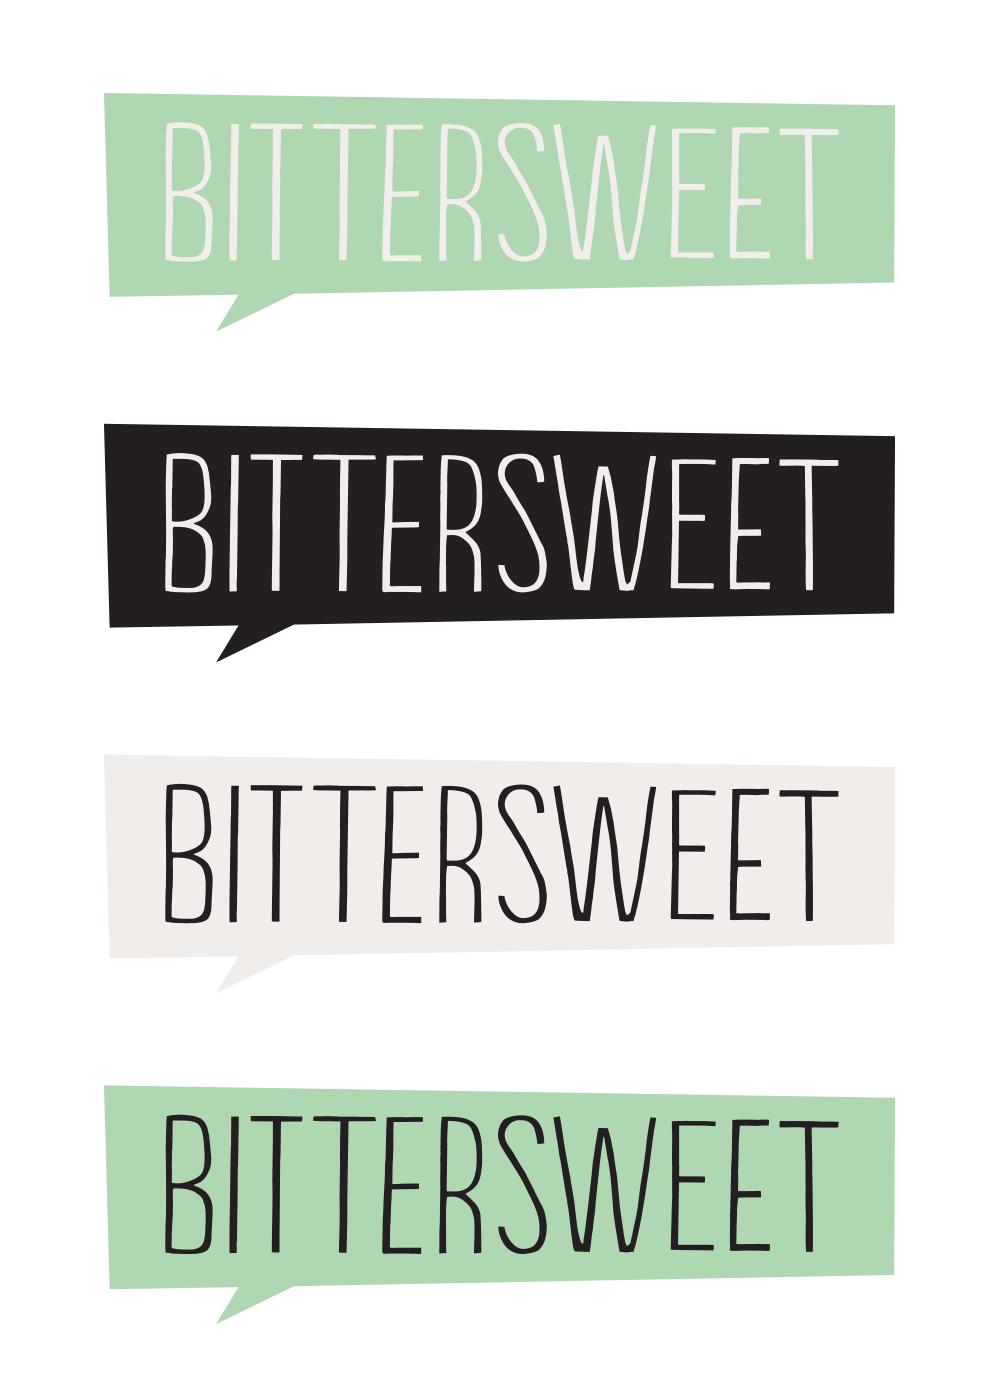 bittersweet-branding-logo-variety.png